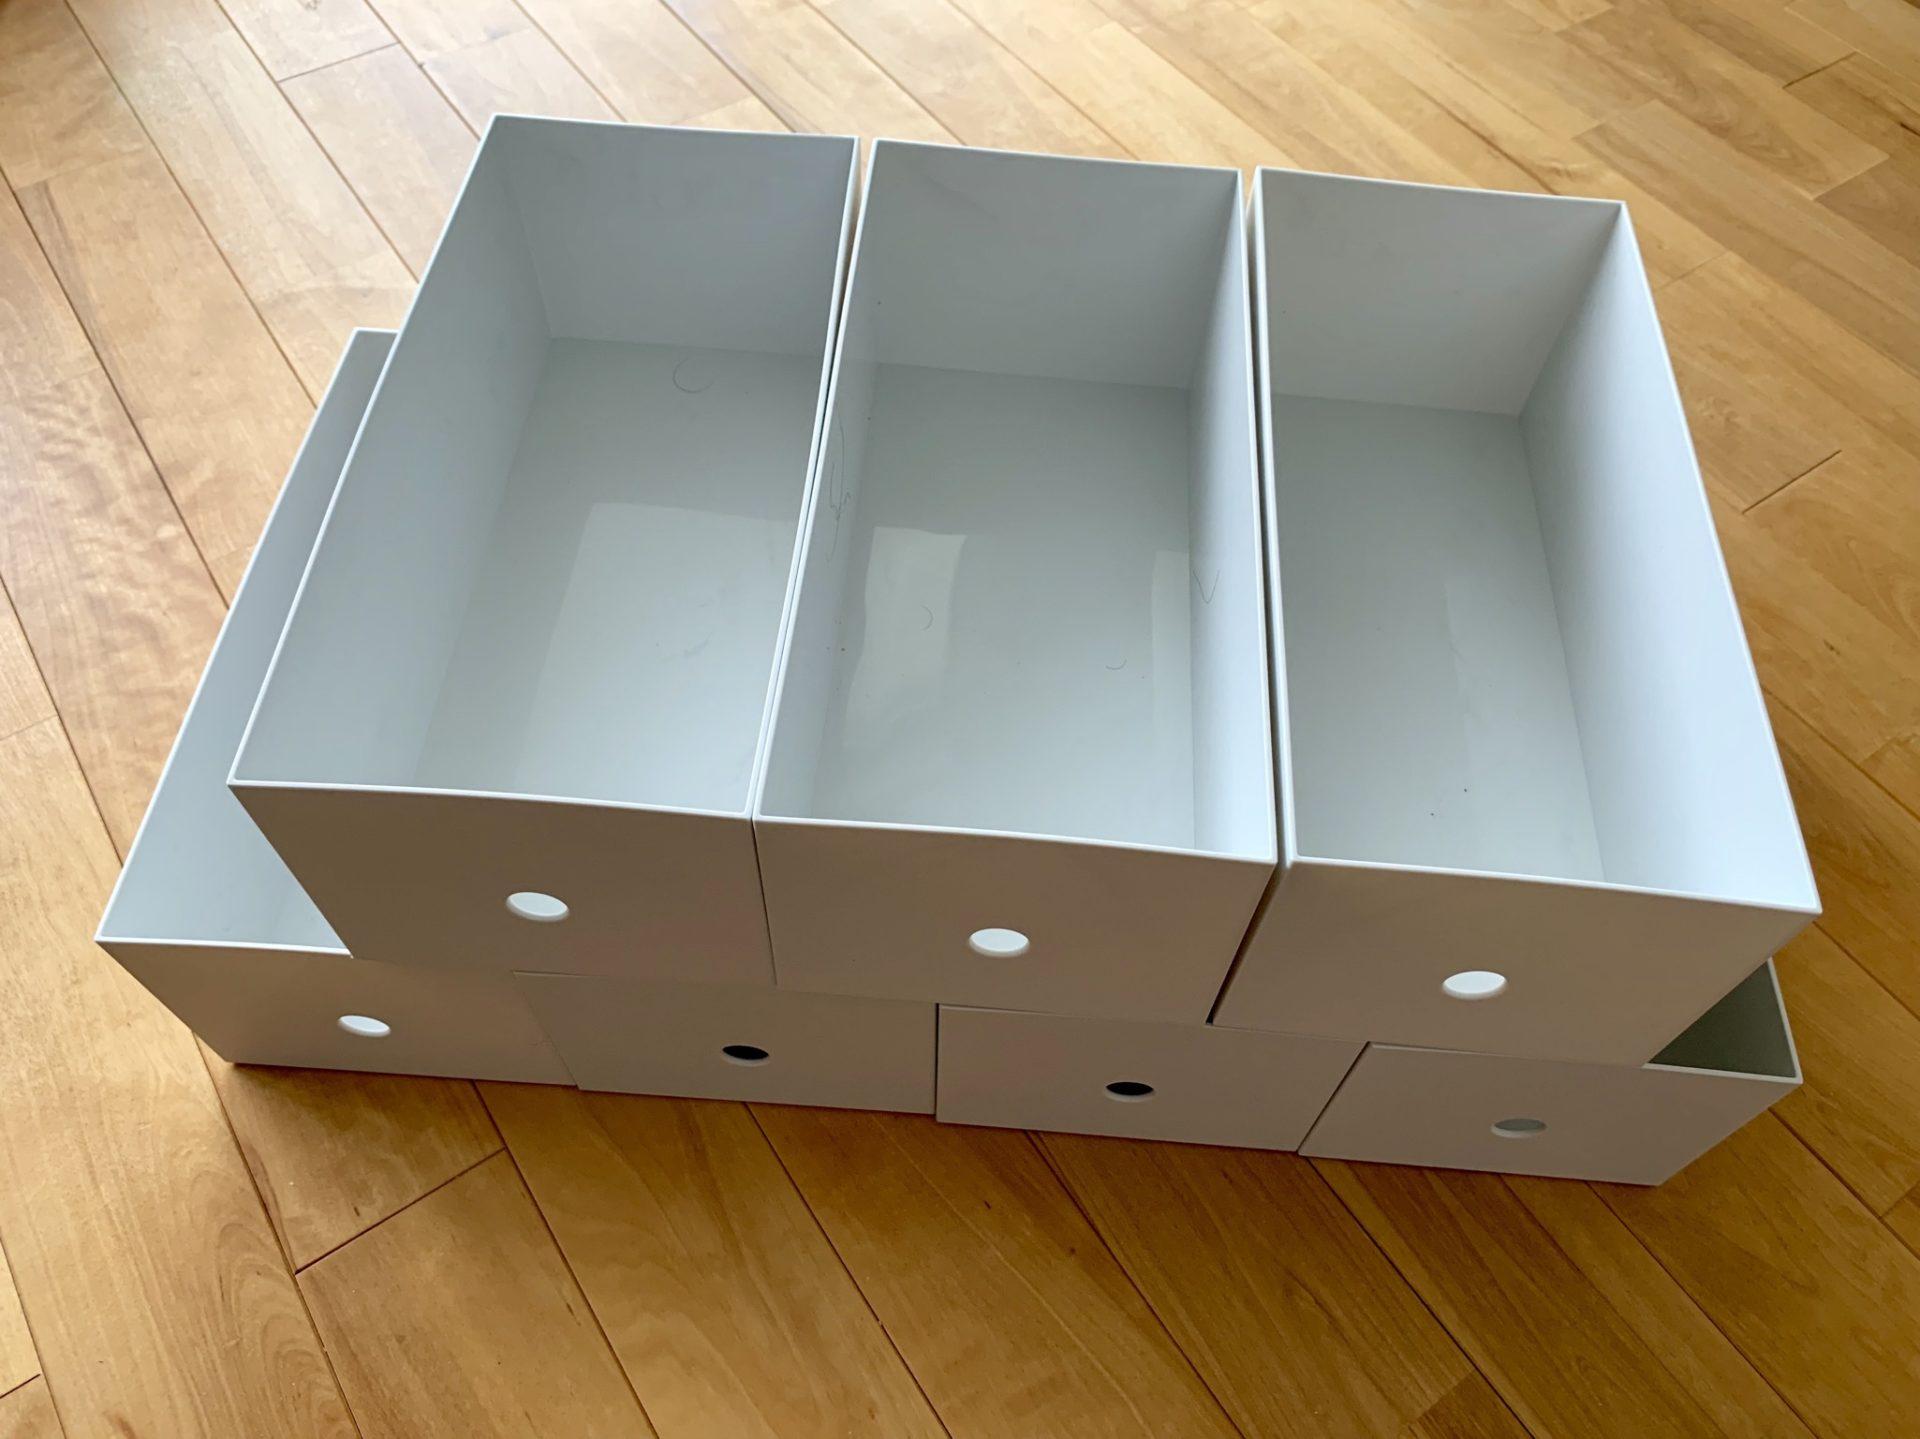 整理収納:MUJI 無印良品「ポリプロピレンファイルボックス・スタンダードワイド・ホワイトグレー・1/2」